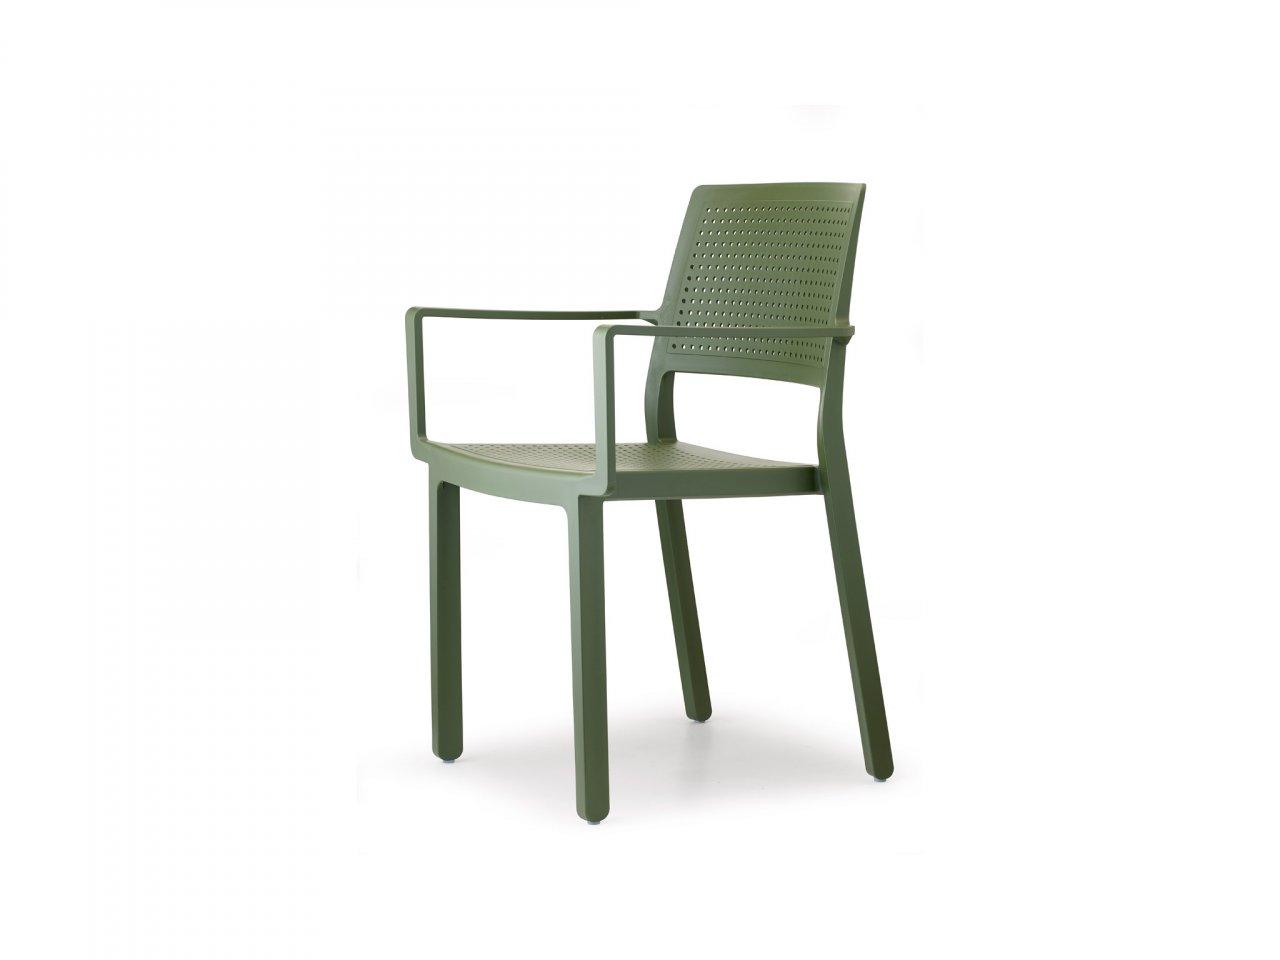 Sedia Con Braccioli Emi - v10